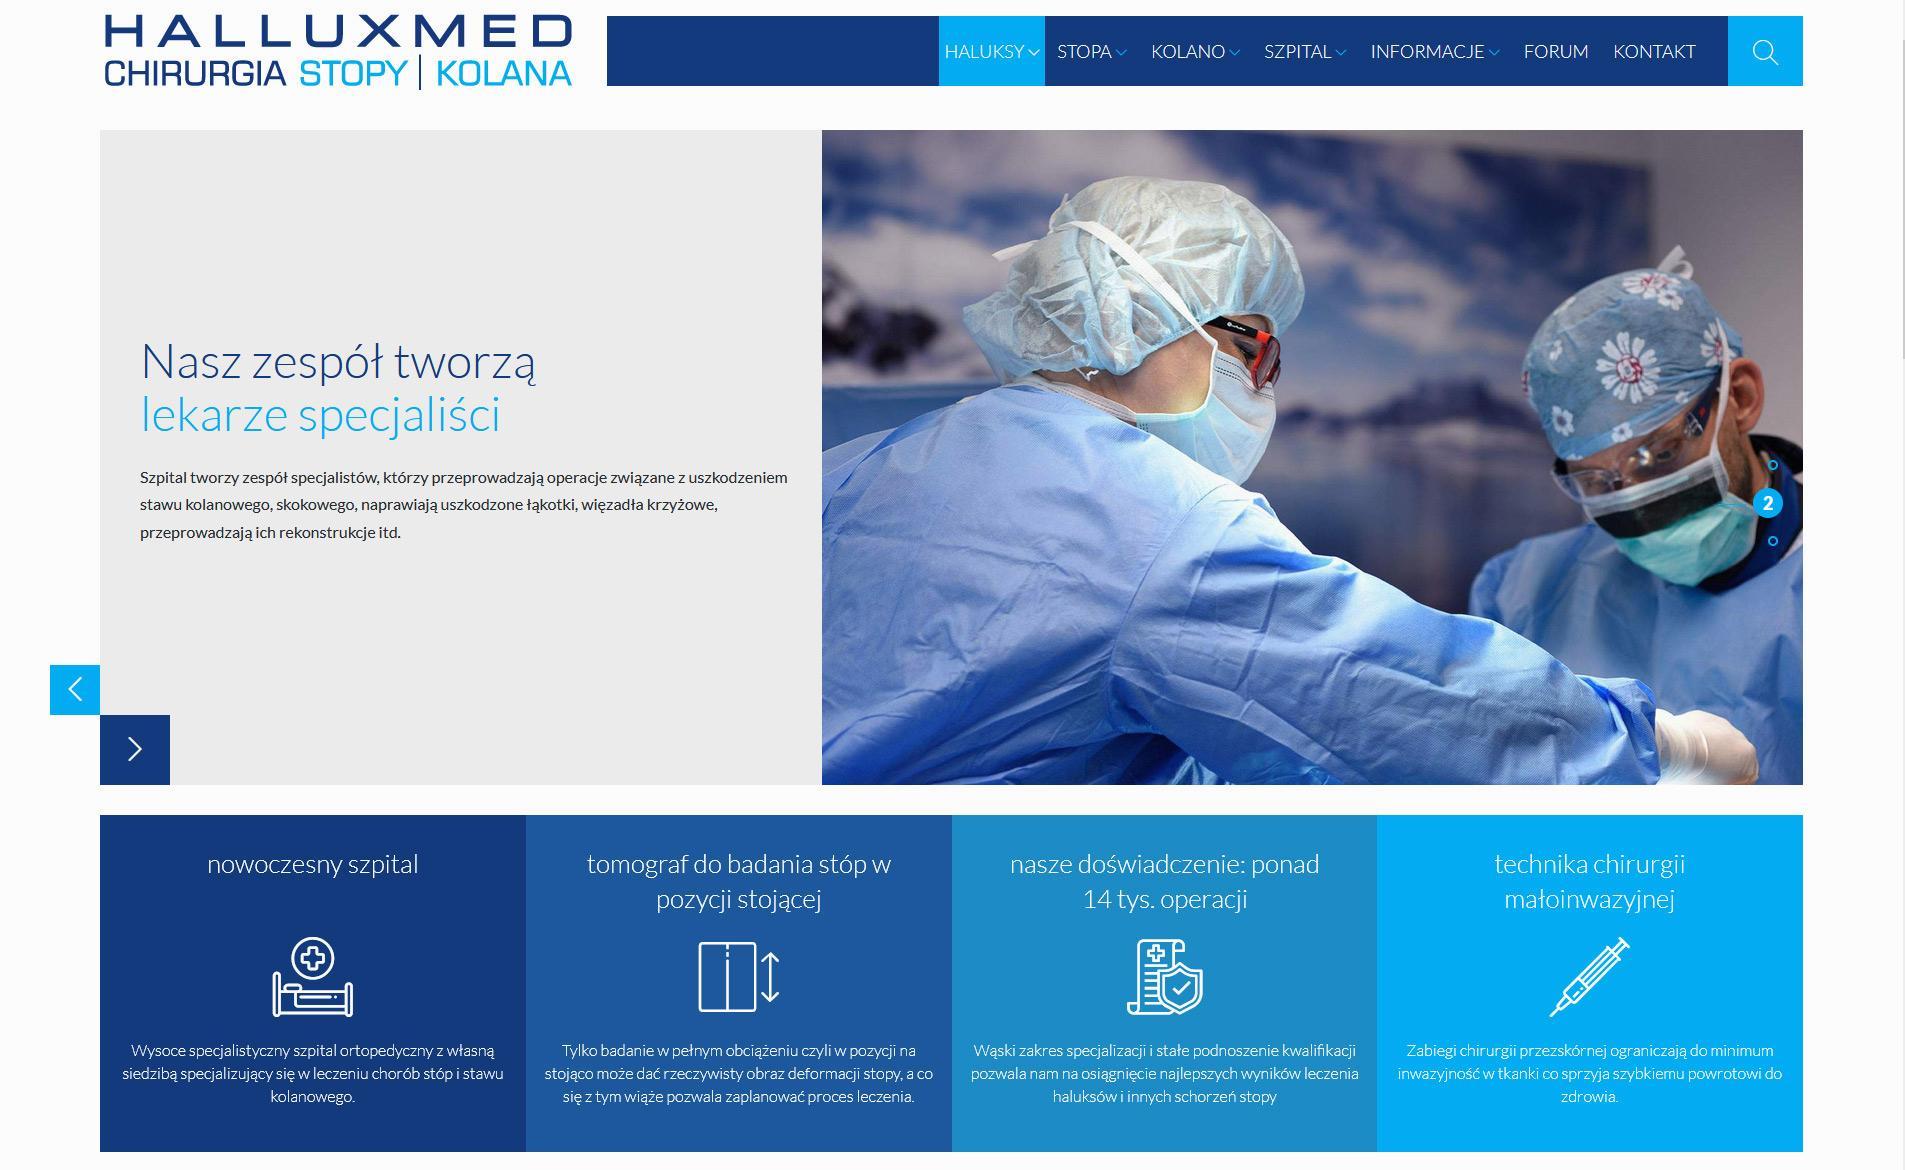 Strona internetowa szpitala Halluxmed